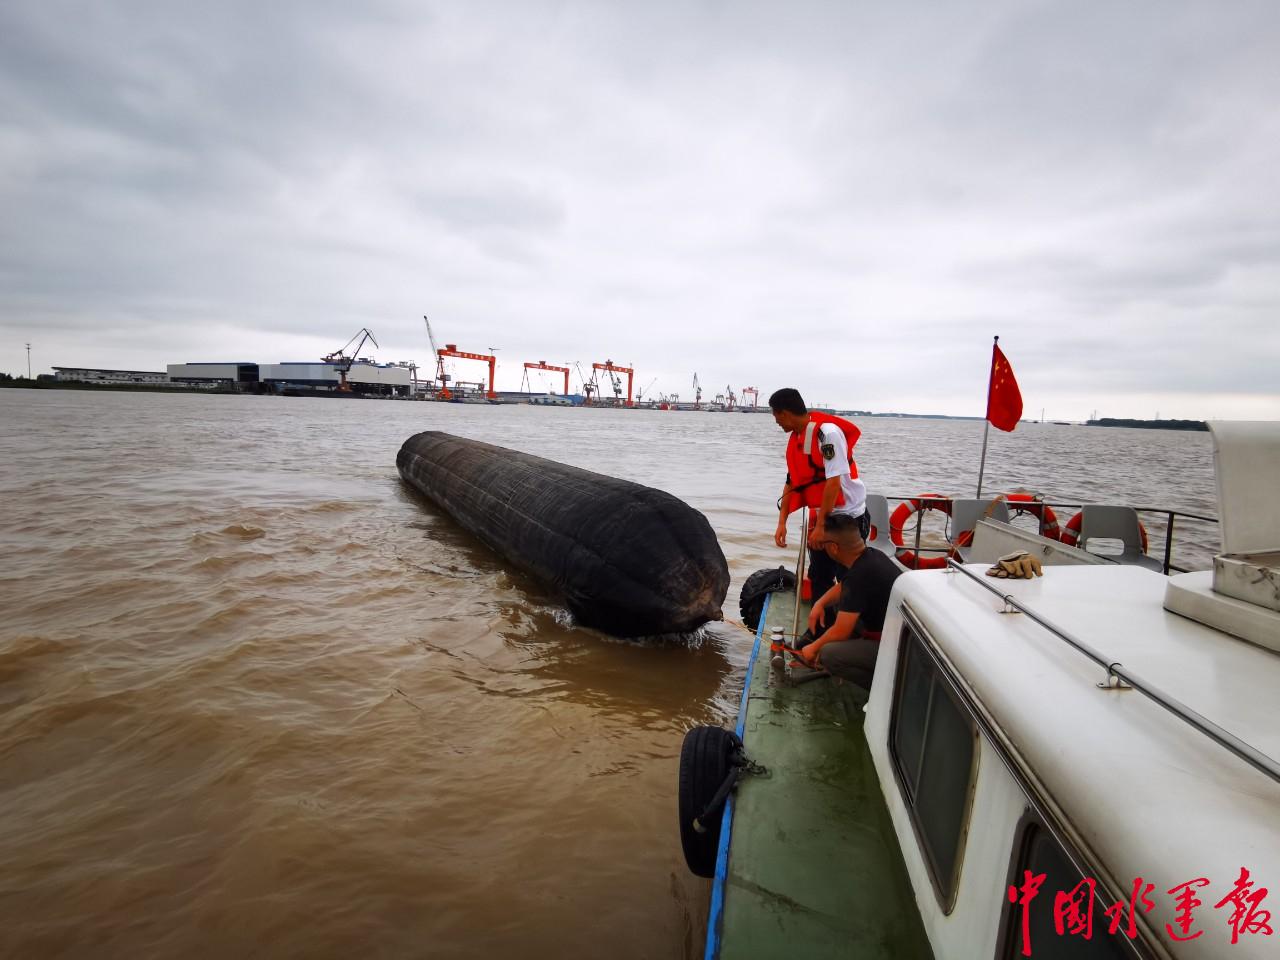 扬州海事快速反应成功处置碍航气